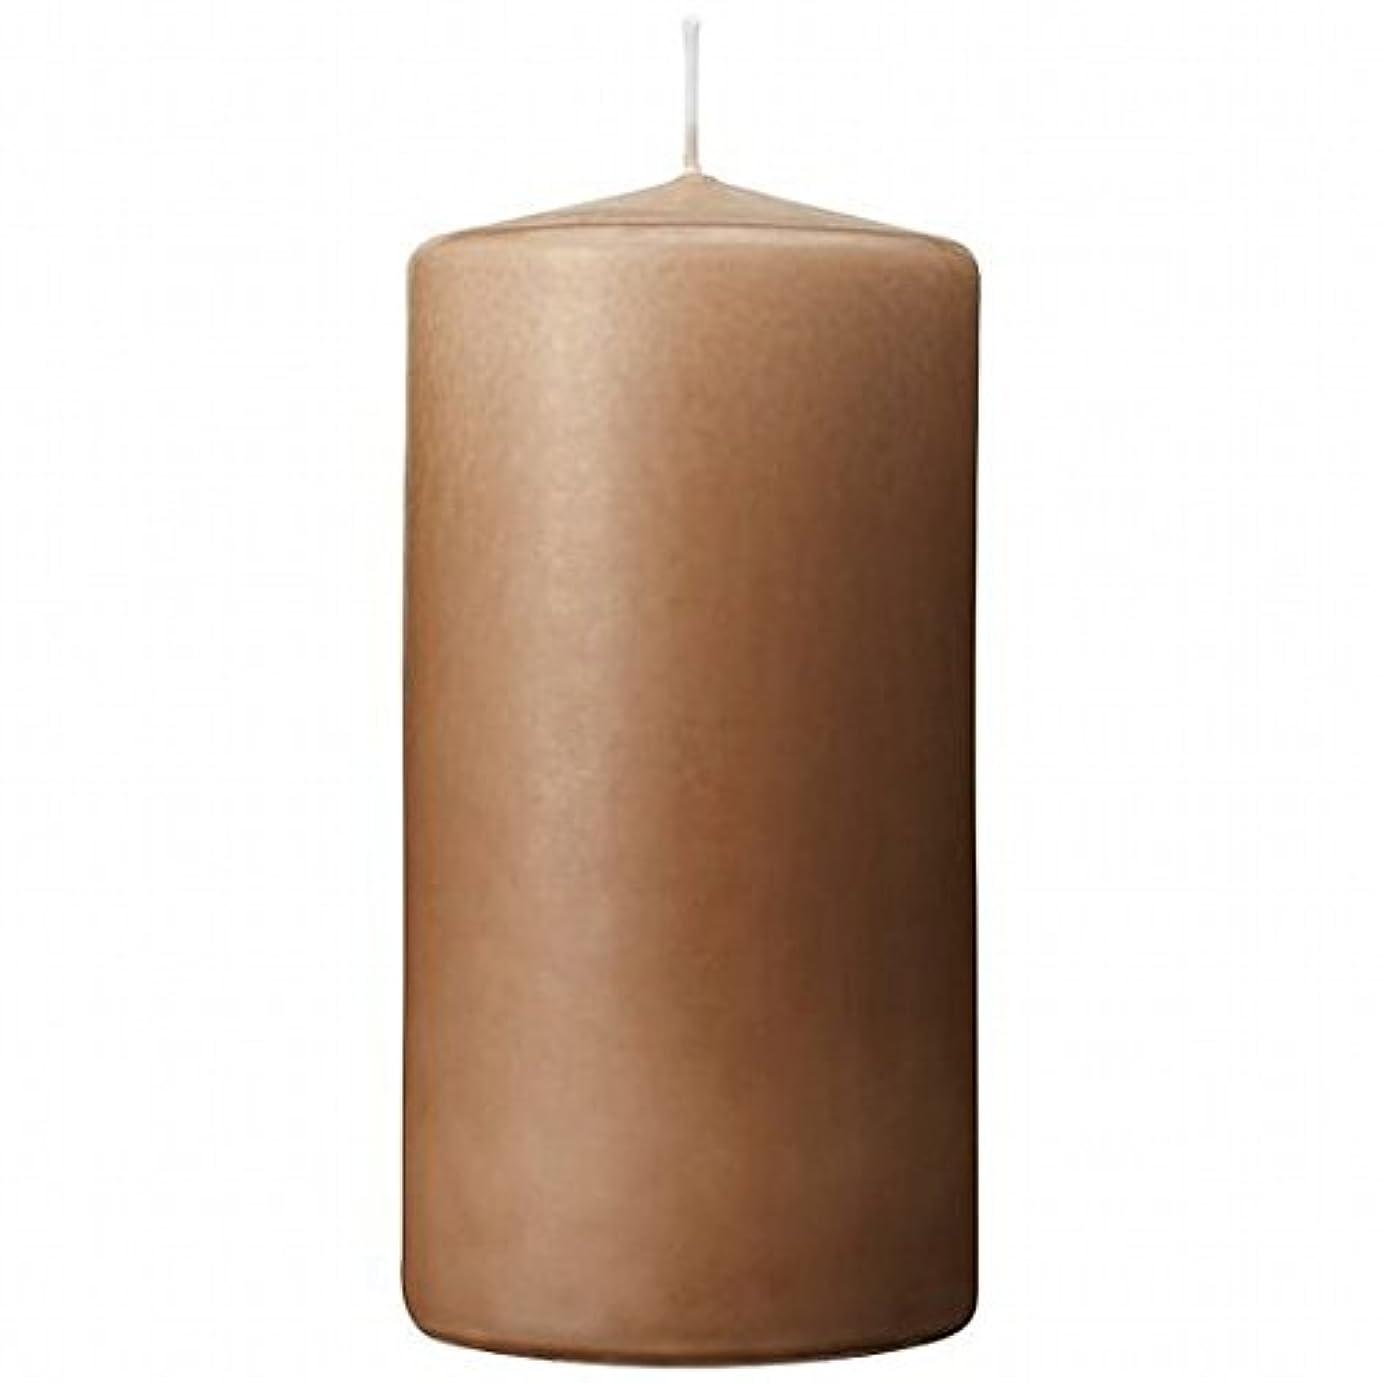 エキスパート捕虜構成kameyama candle(カメヤマキャンドル) 3×6ベルトップピラーキャンドル 「 モカ 」(A9730010MO)